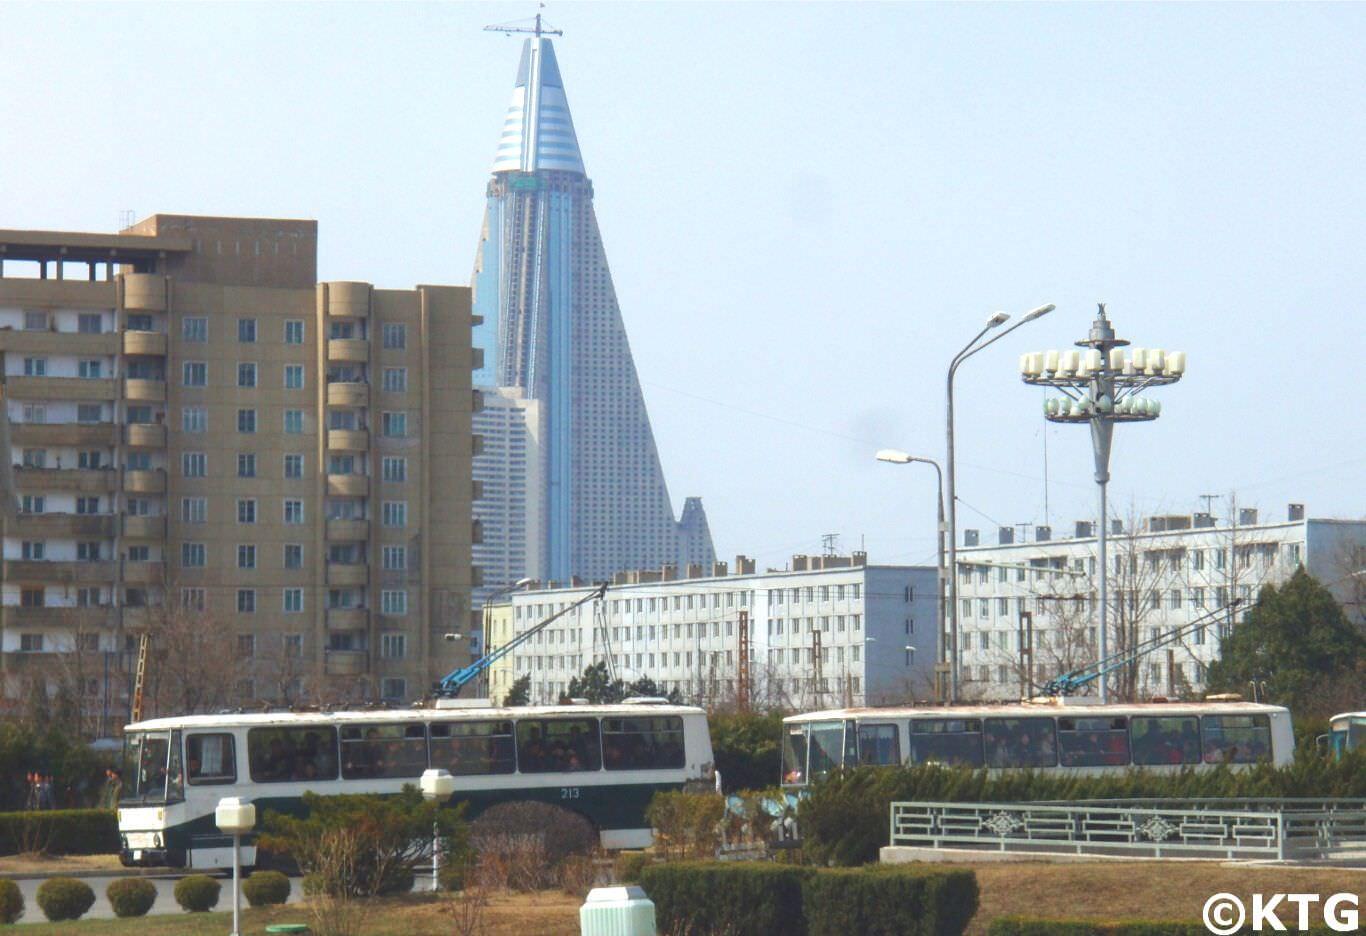 Imagen del Hotel Ryugyong en la capital de Corea del Norte sacada en el año 2010